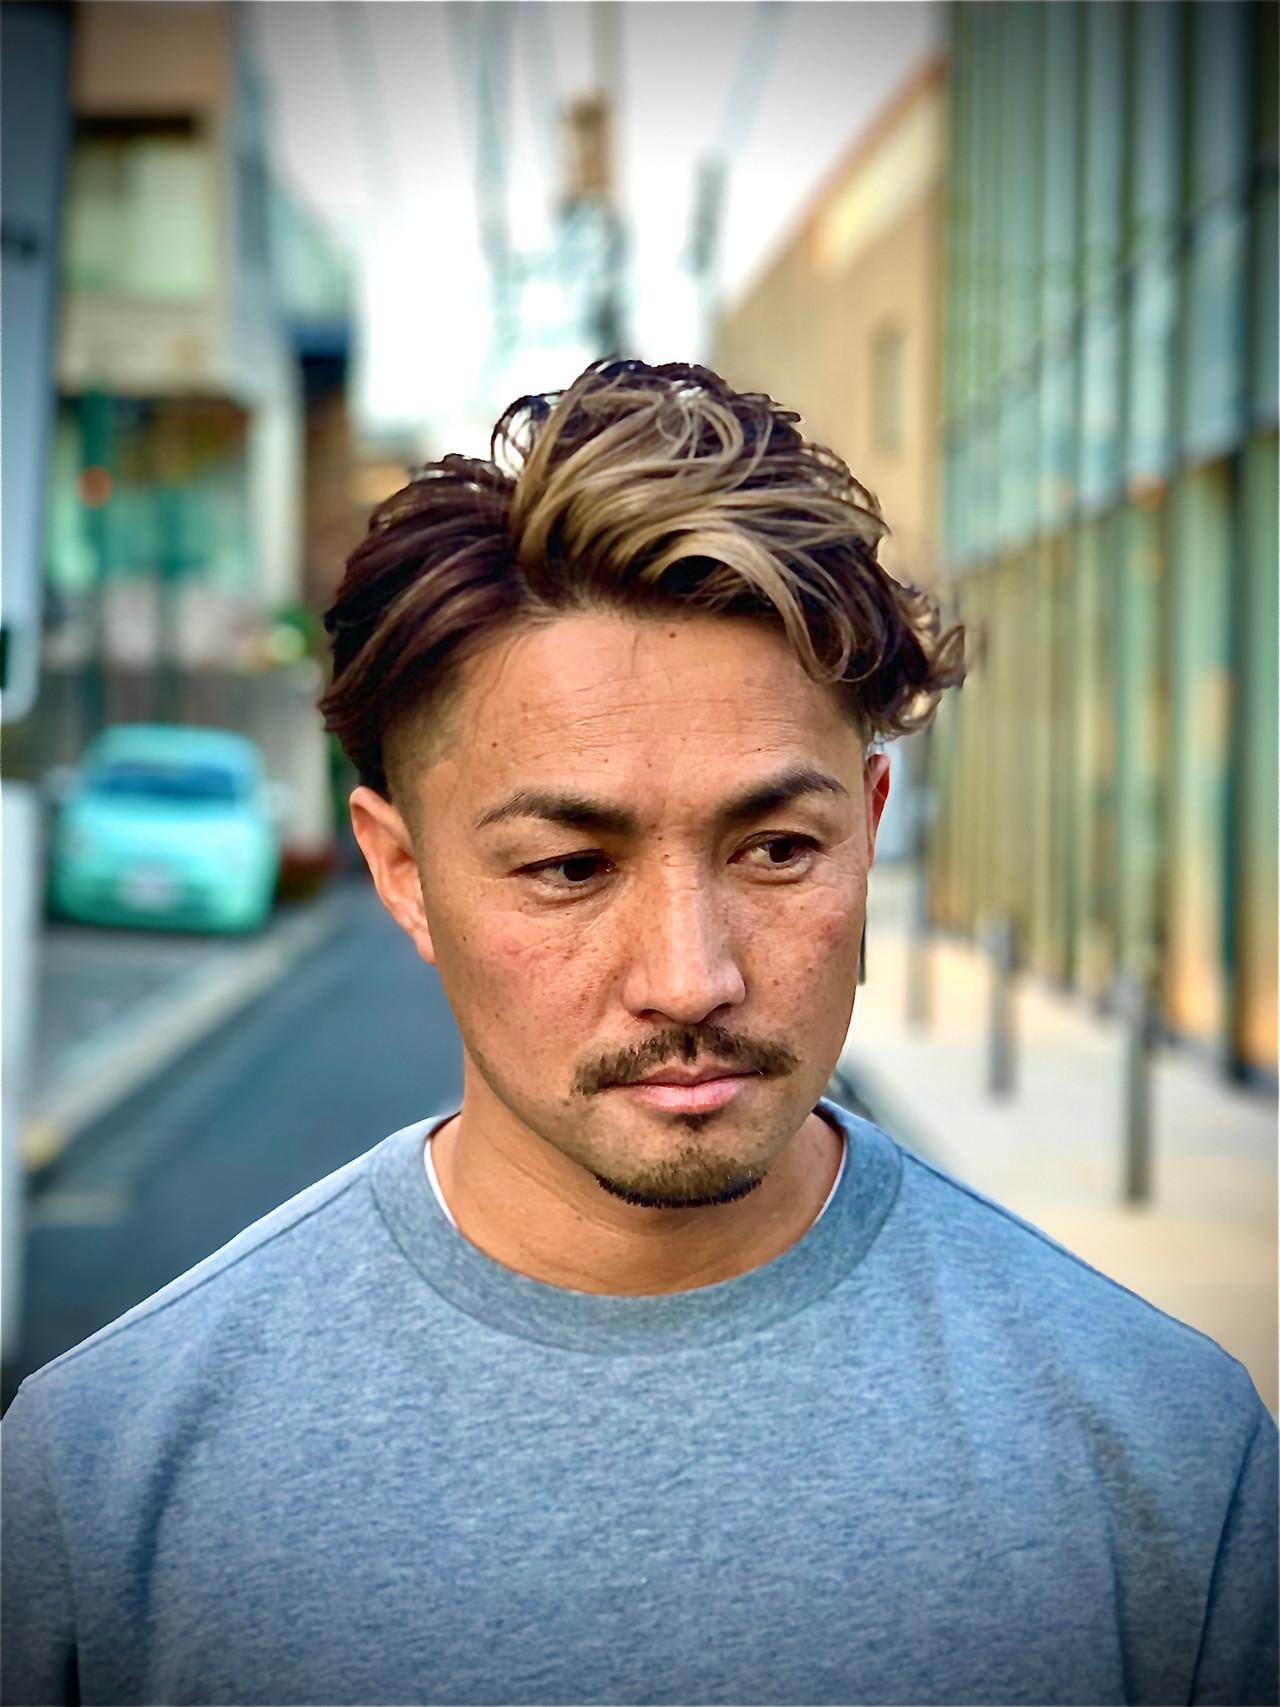 ストリート メンズパーマ メンズカラー メッシュ ヘアスタイルや髪型の写真・画像